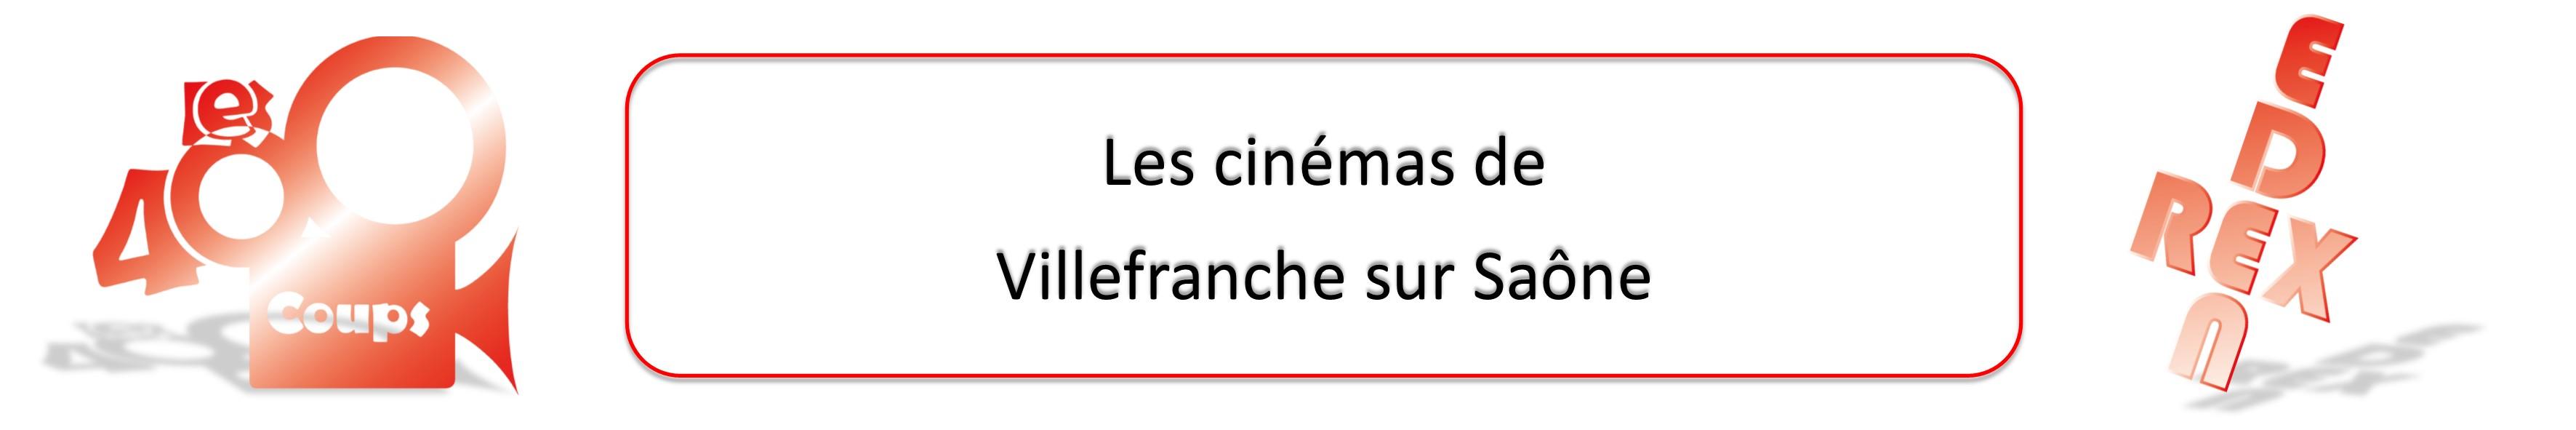 Contact - Cinema les 400 coups villefranche sur saone ...